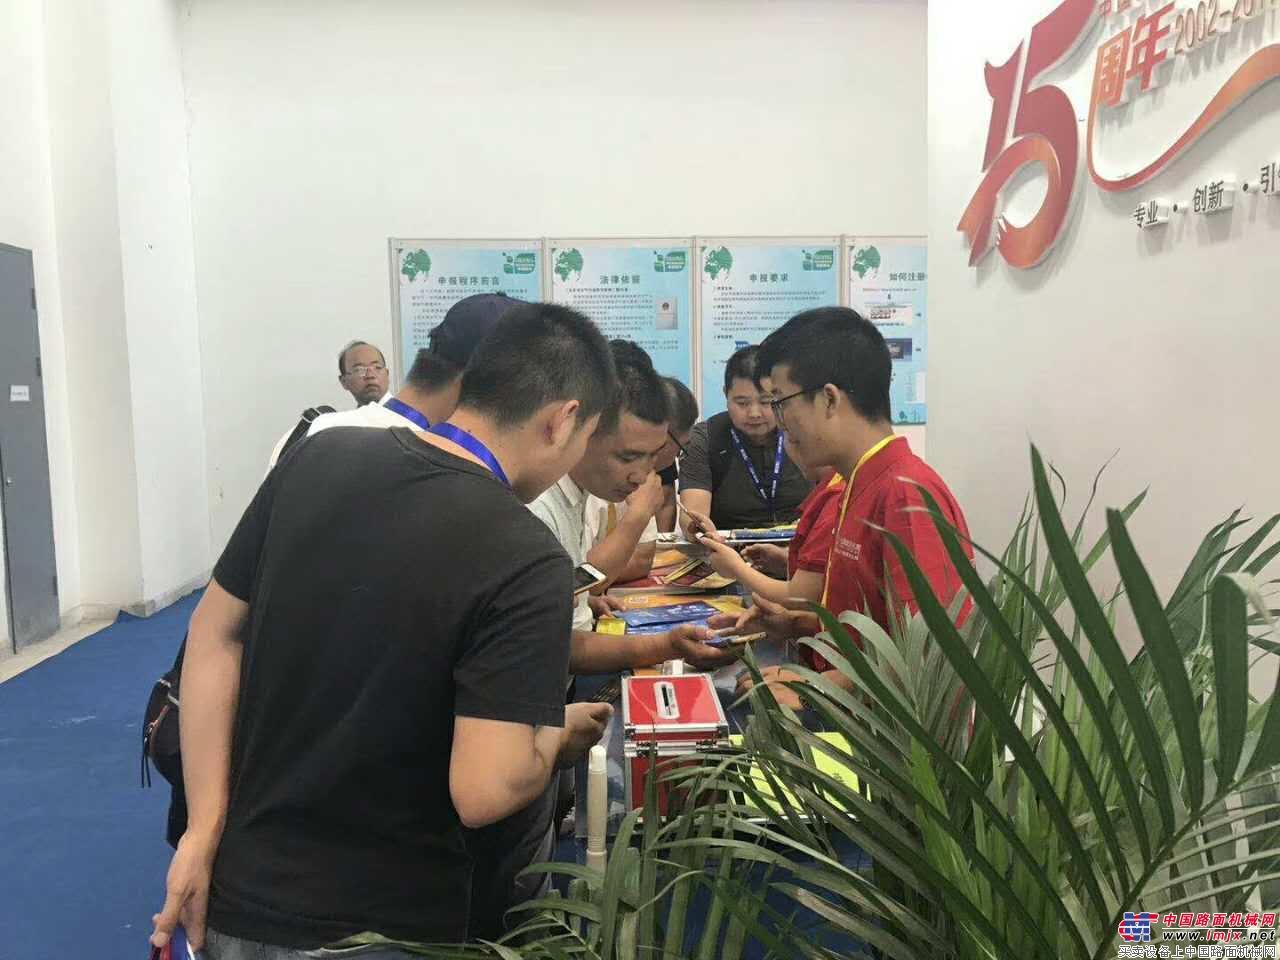 BICES 2017中国路面机械网靠什么取得满堂乐号召?恢复案在此雕刻边!